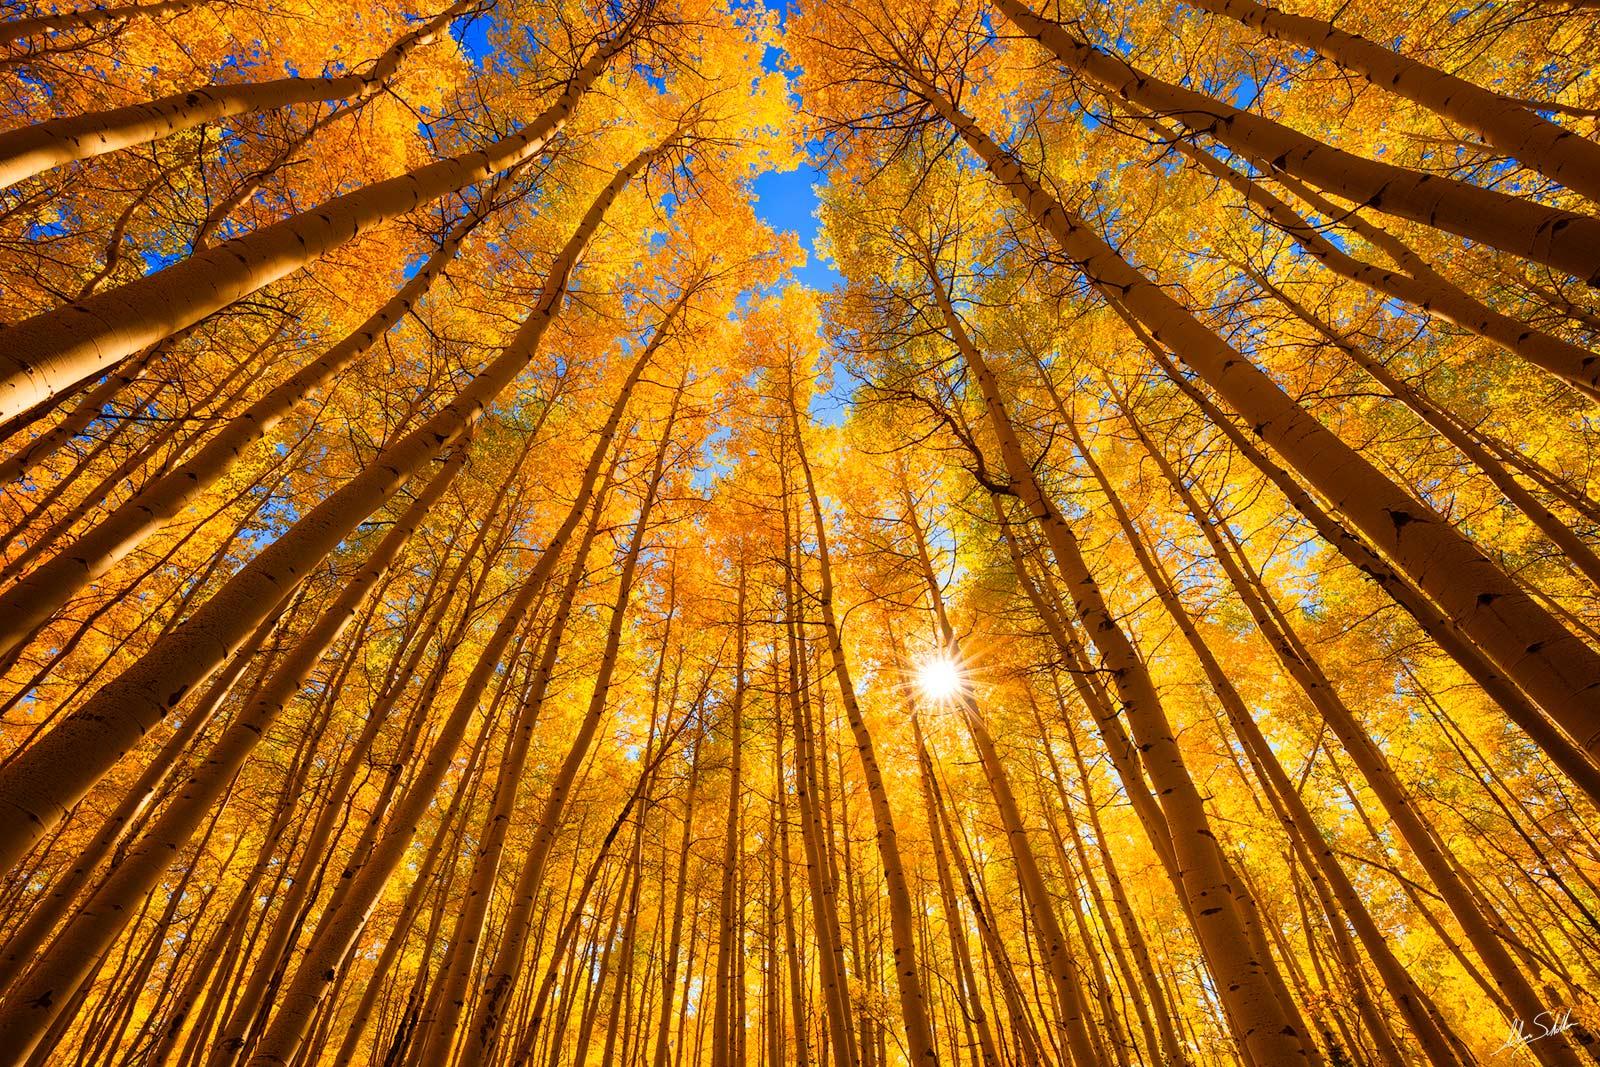 Aspens, Autumn, CO, Colorado, Fall Color, Rocky Mountains, San Juan Mountains, Trees, photo